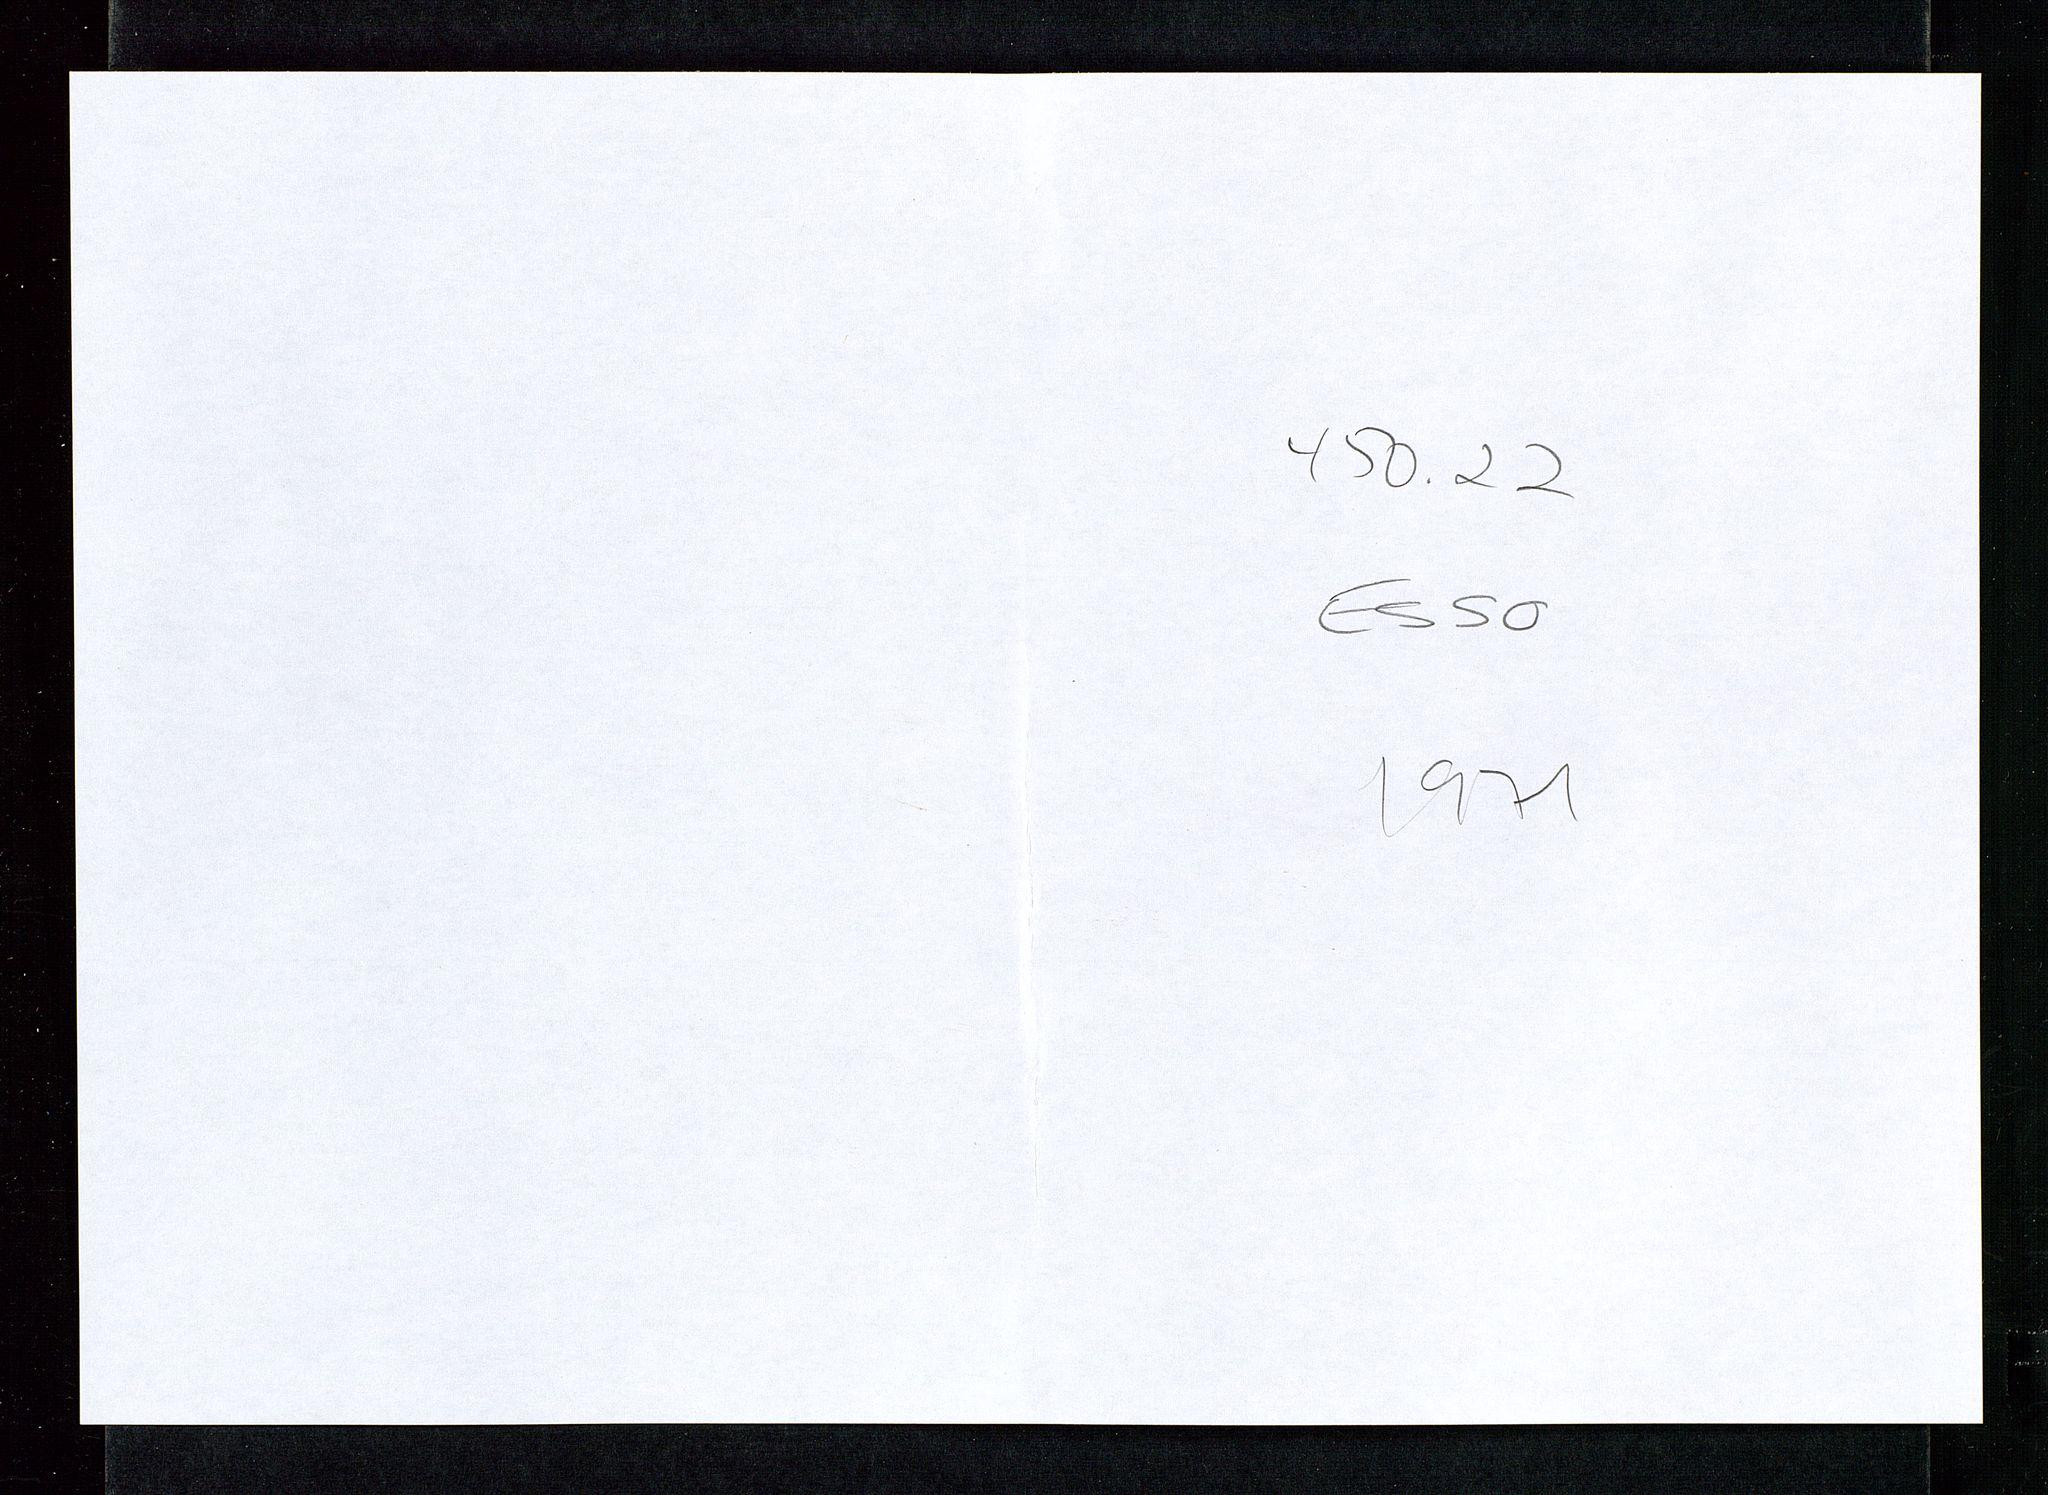 SAST, Industridepartementet, Oljekontoret, Da/L0004: Arkivnøkkel 711 - 712 Utvinningstillatelser, 1970-1971, s. 37